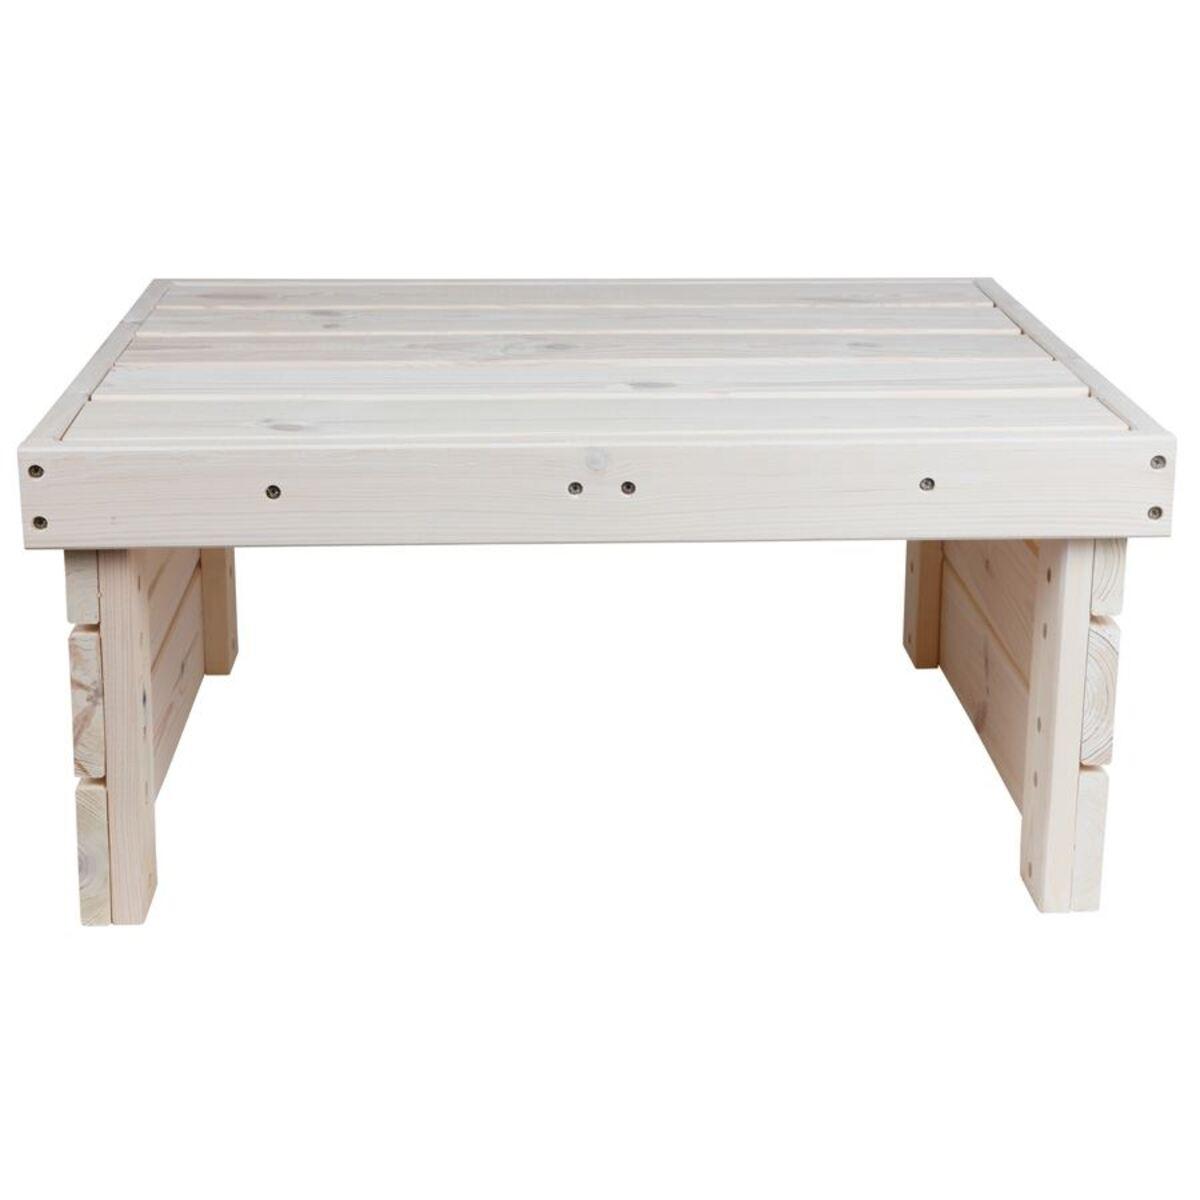 Bild 3 von Holz-Gartentisch 70x32x59cm White-Washed